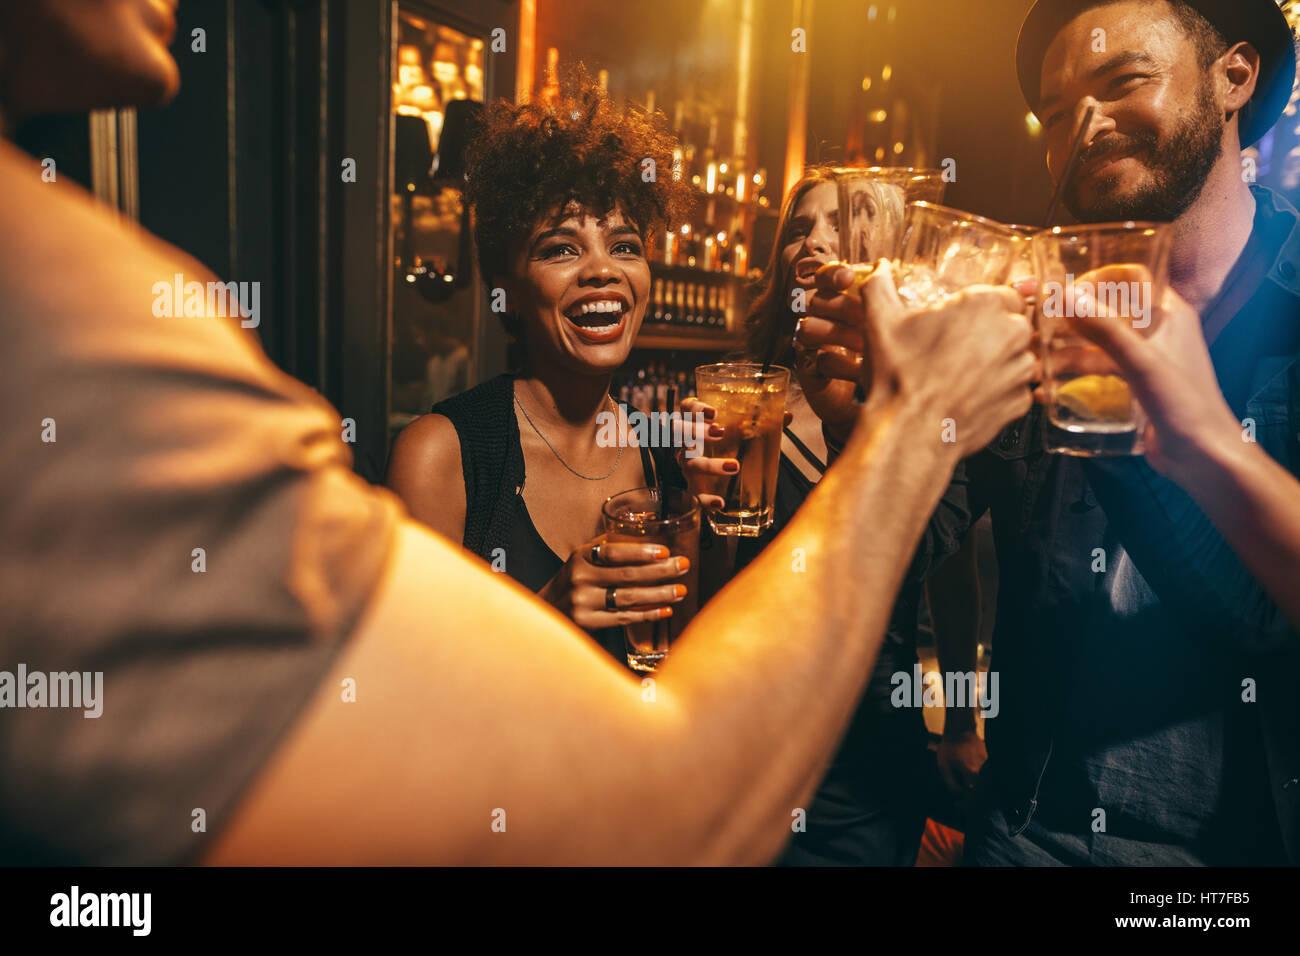 Un gruppo di giovani la tostatura bevande al night club. Giovani uomini e donne avendo divertimento presso il lounge Immagini Stock